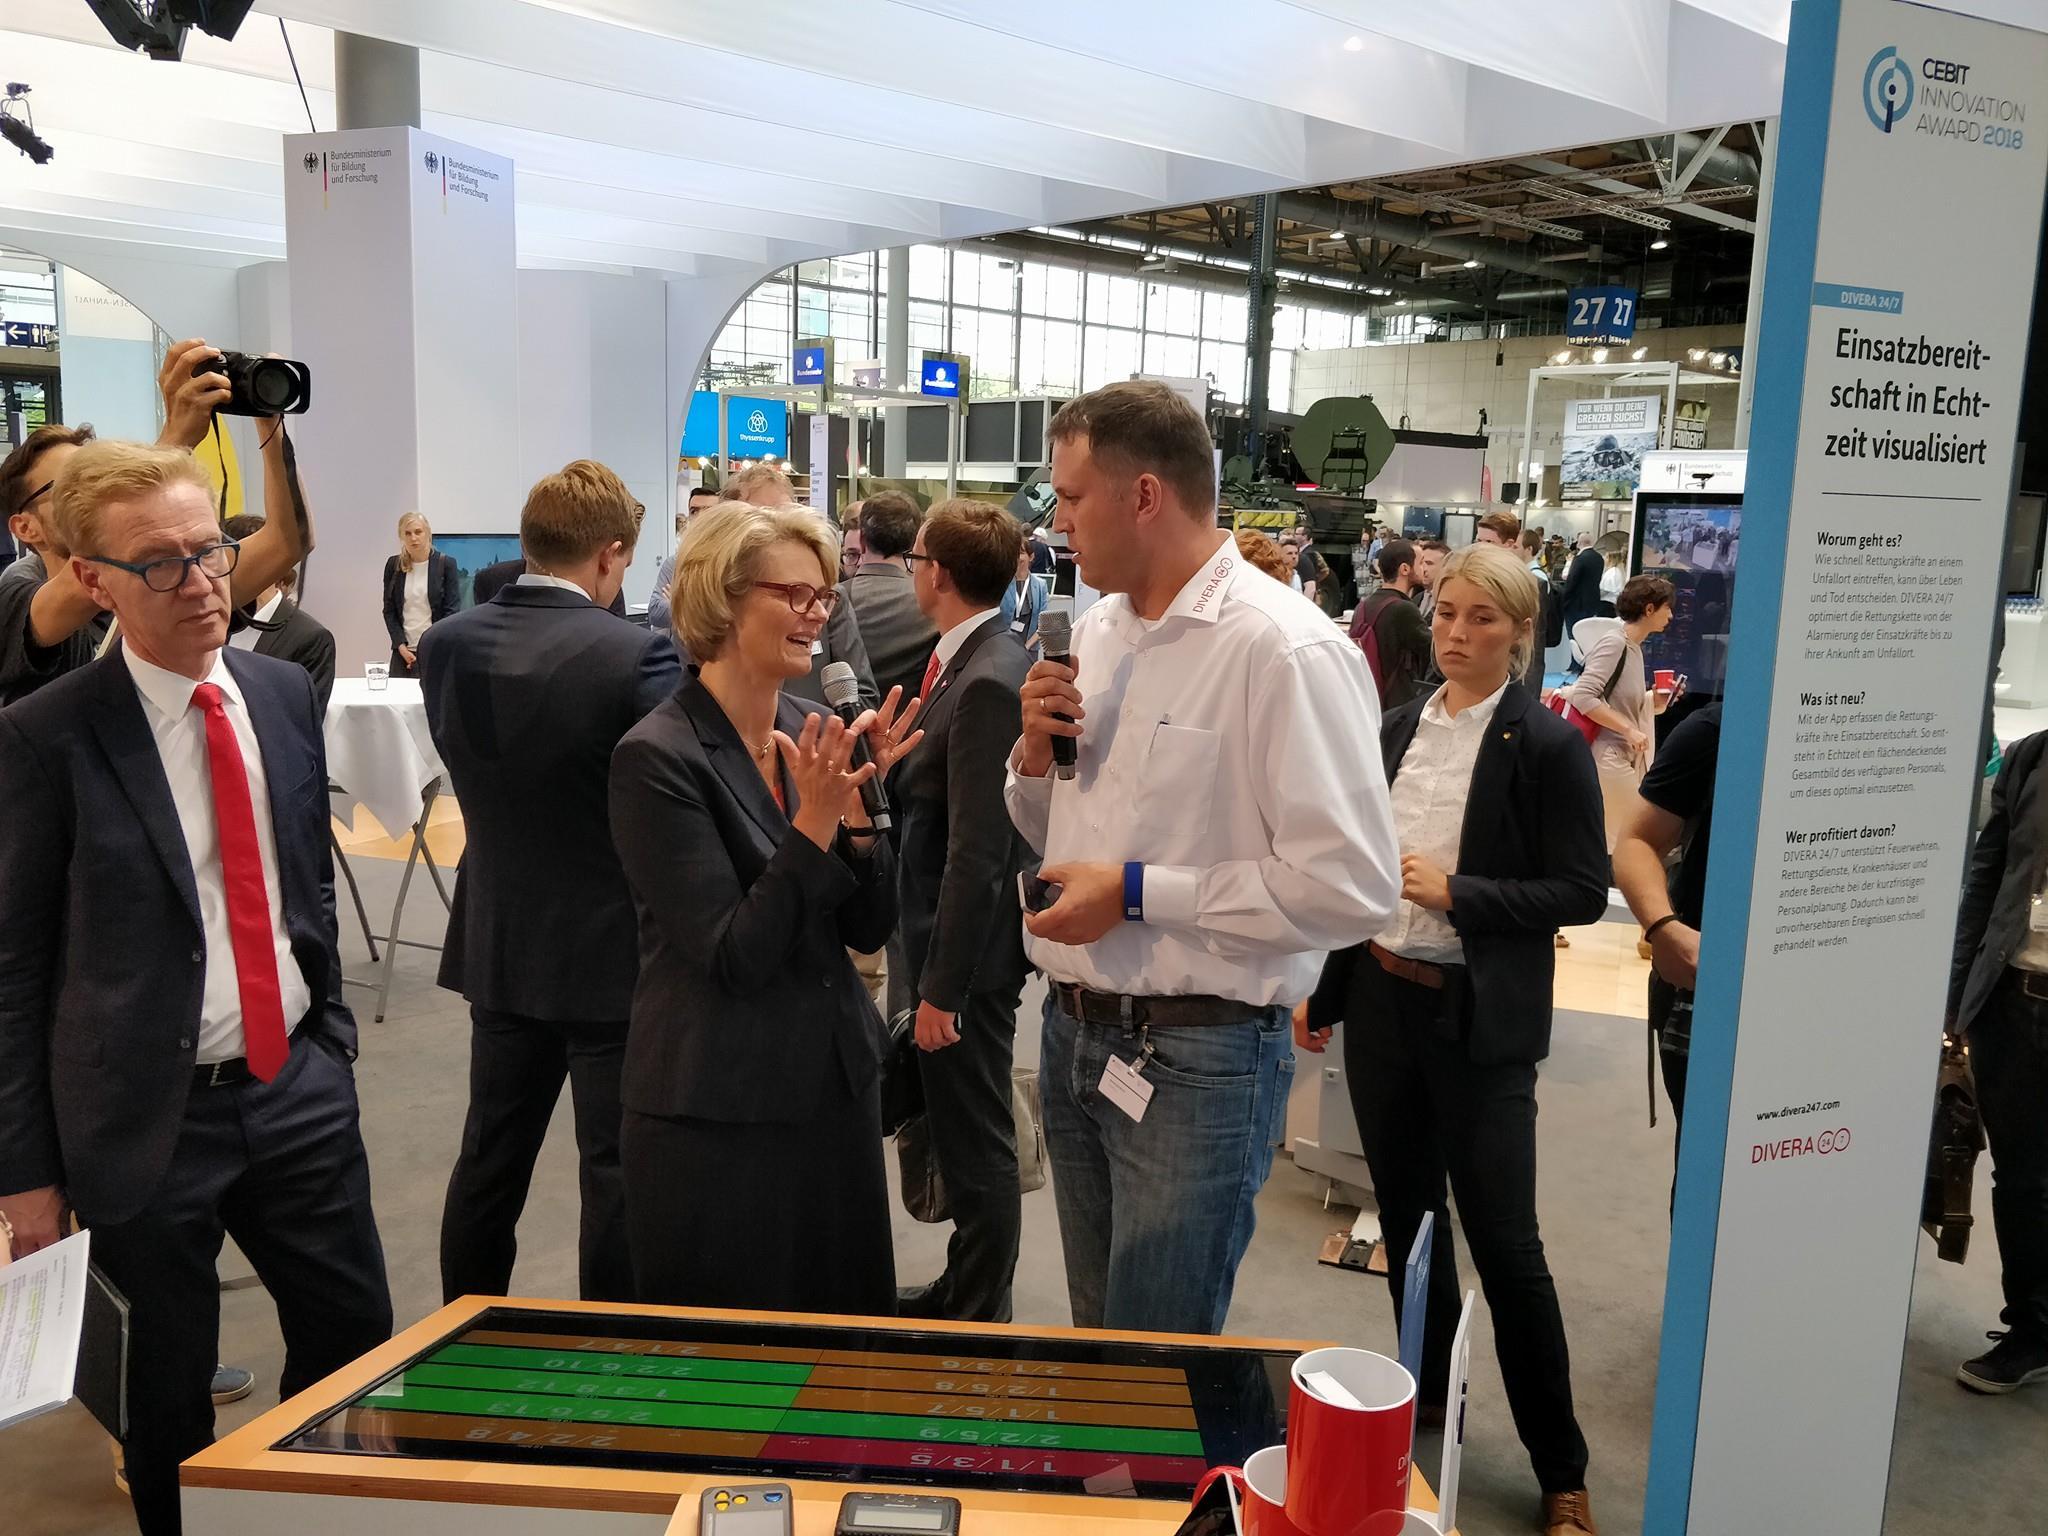 Bernhard Horst zeigt Ministerin Anja Karliczek das Exponat zur Prozessoptimierung bei Feuerwehren